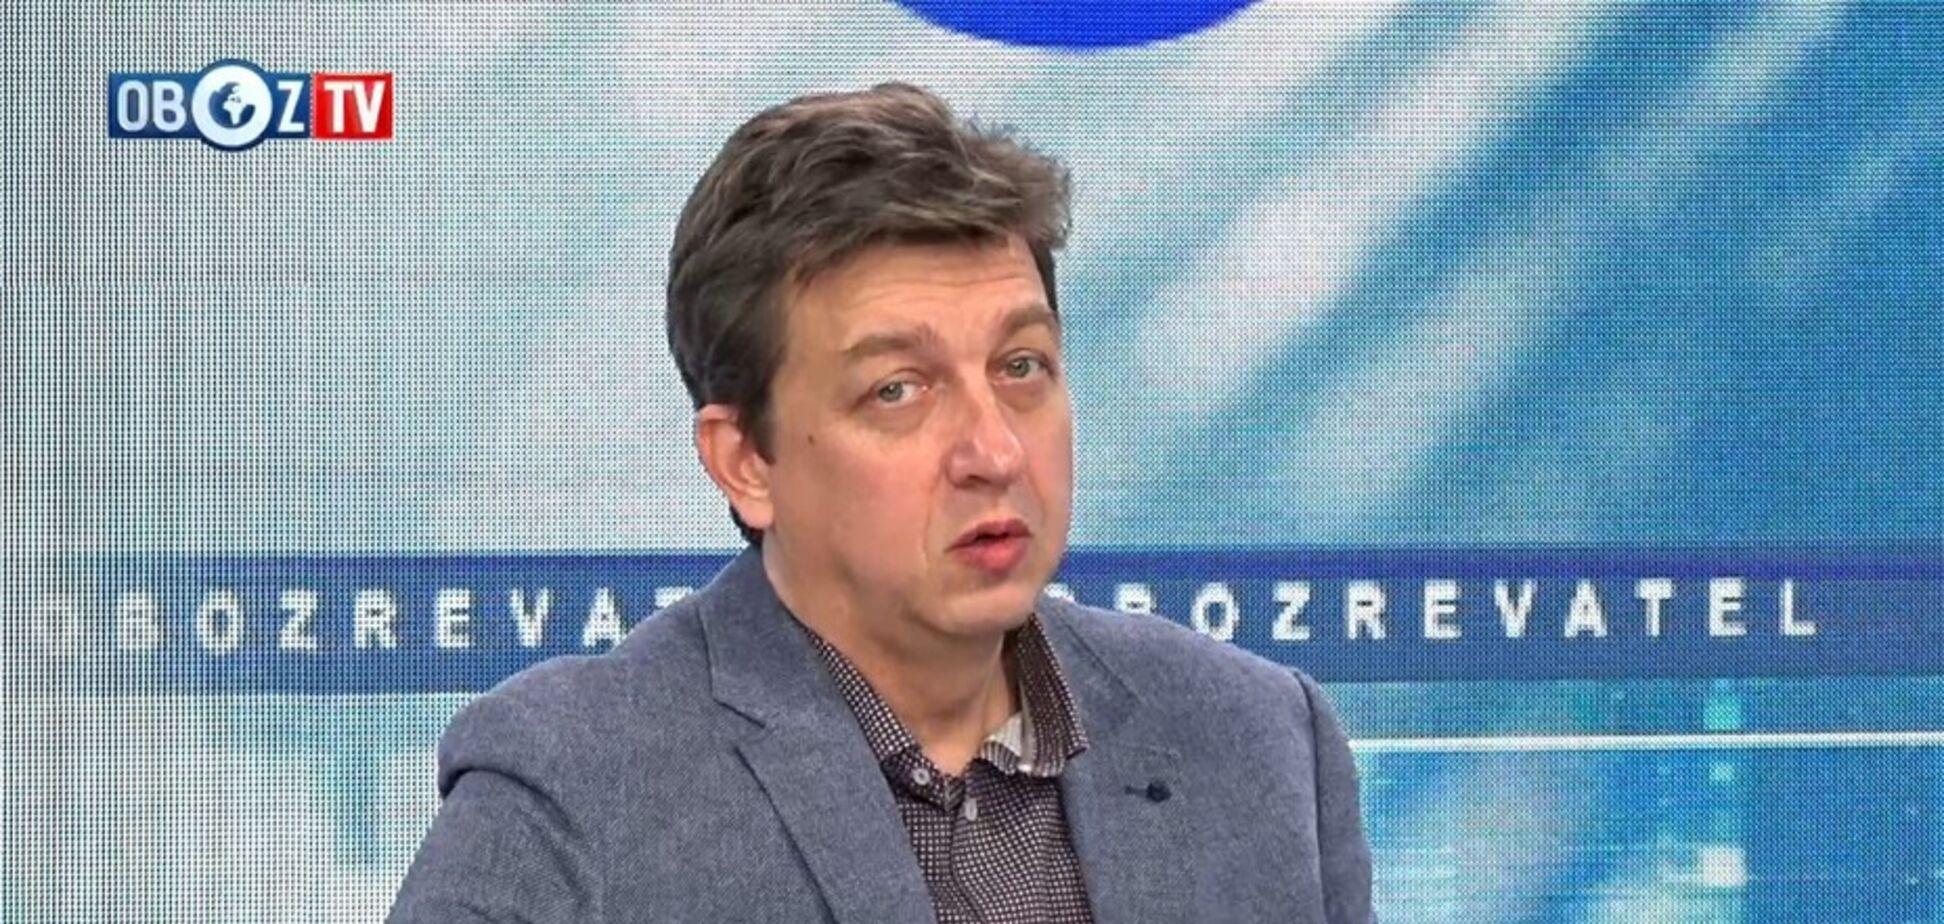 Протесты не будут иметь силы из-за раскола украинского общества: Александр Доний